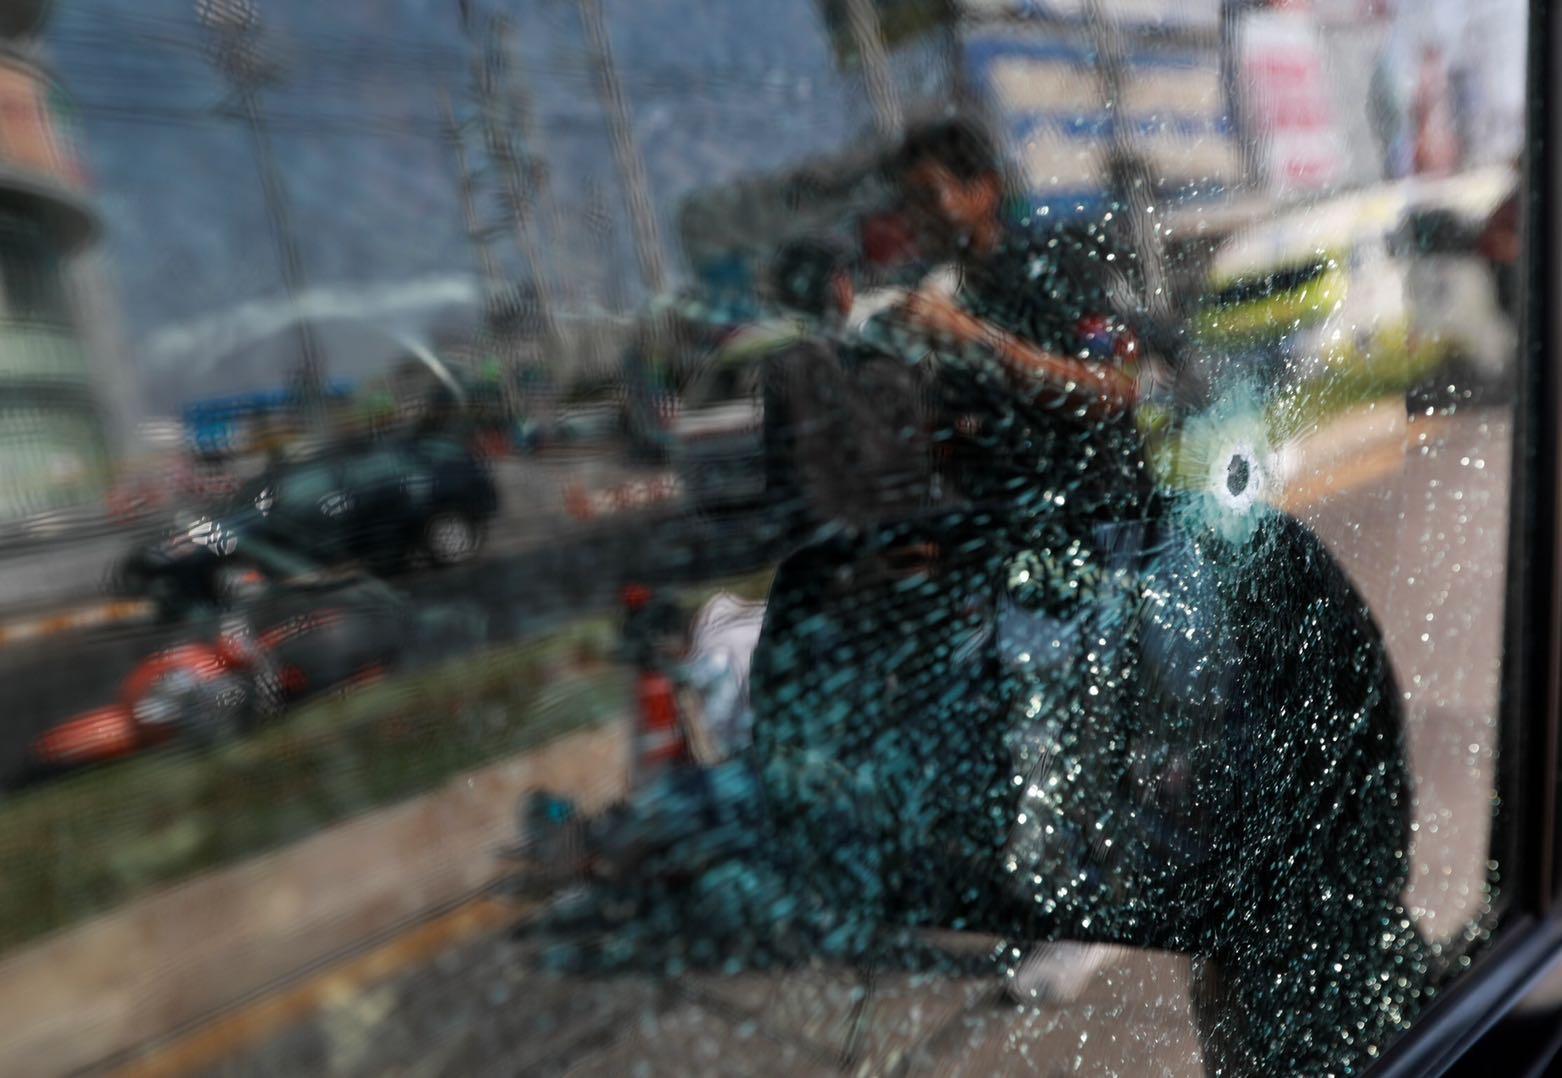 泰國致84人死傷槍擊案的教訓